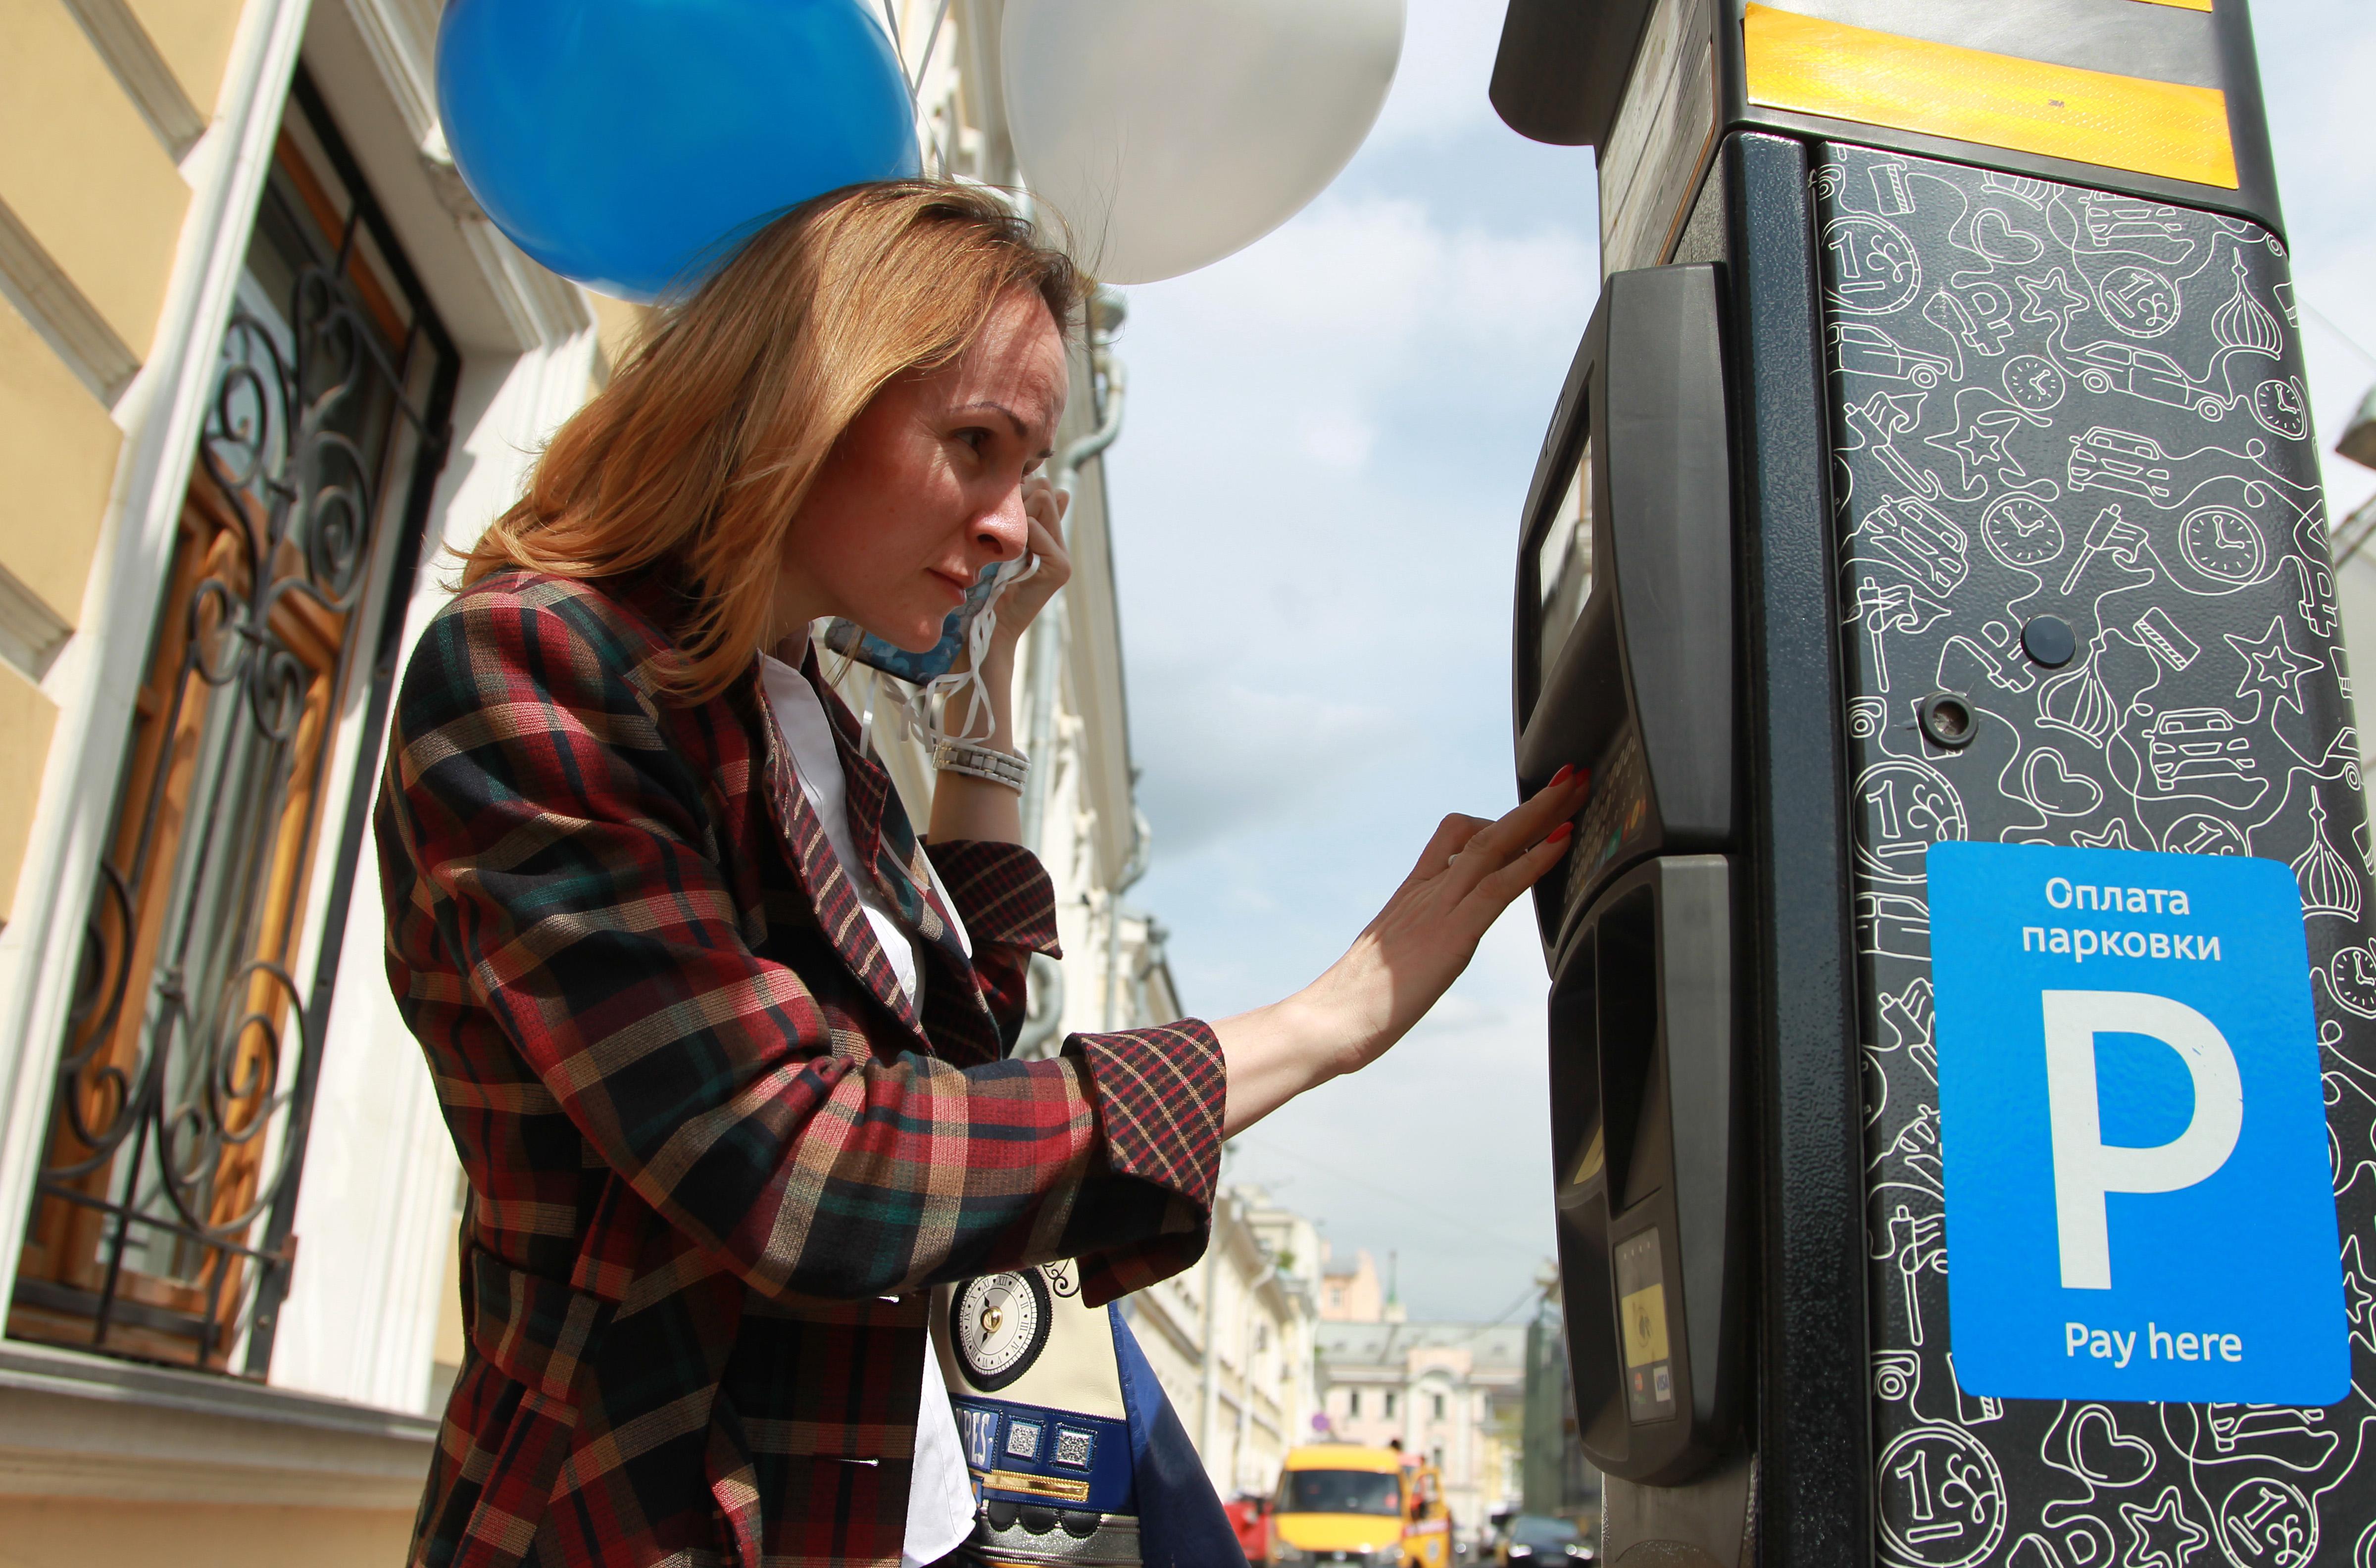 Время стоянки на парковках в Москве уменьшилось в среднем на восемь минут